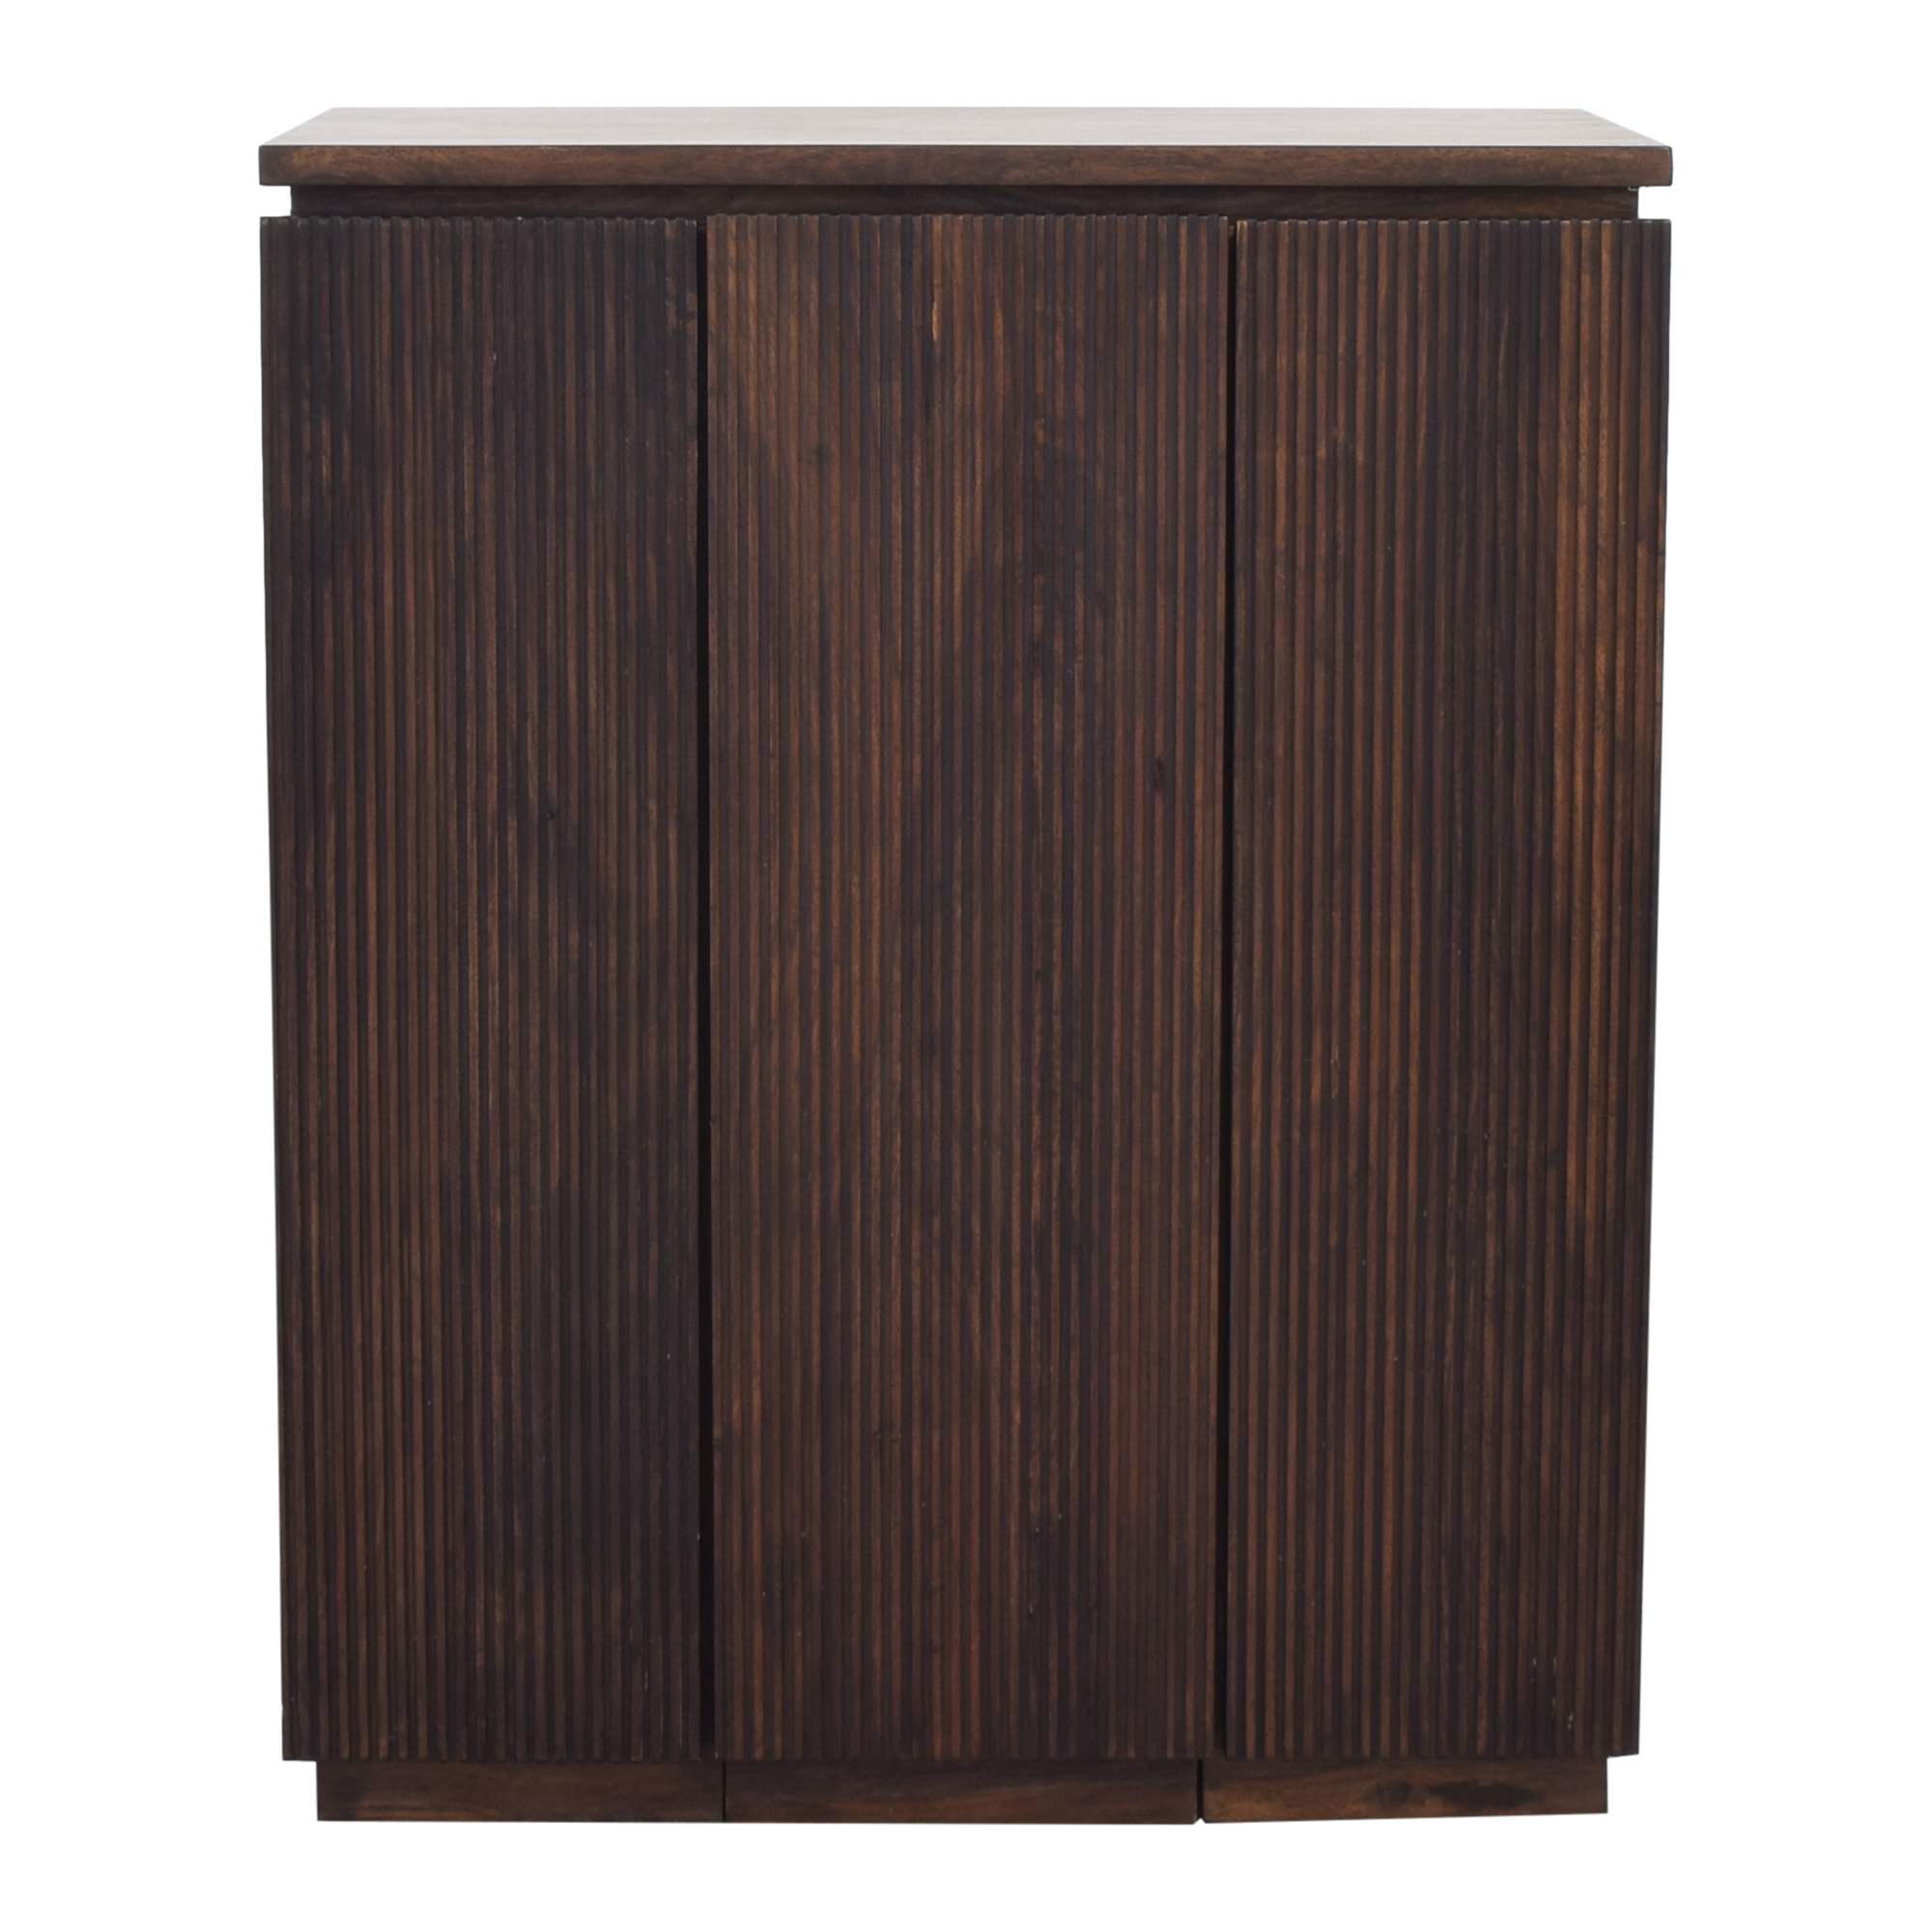 Crate & Barrel Crate & Barrel Monaco Bar Cabinet